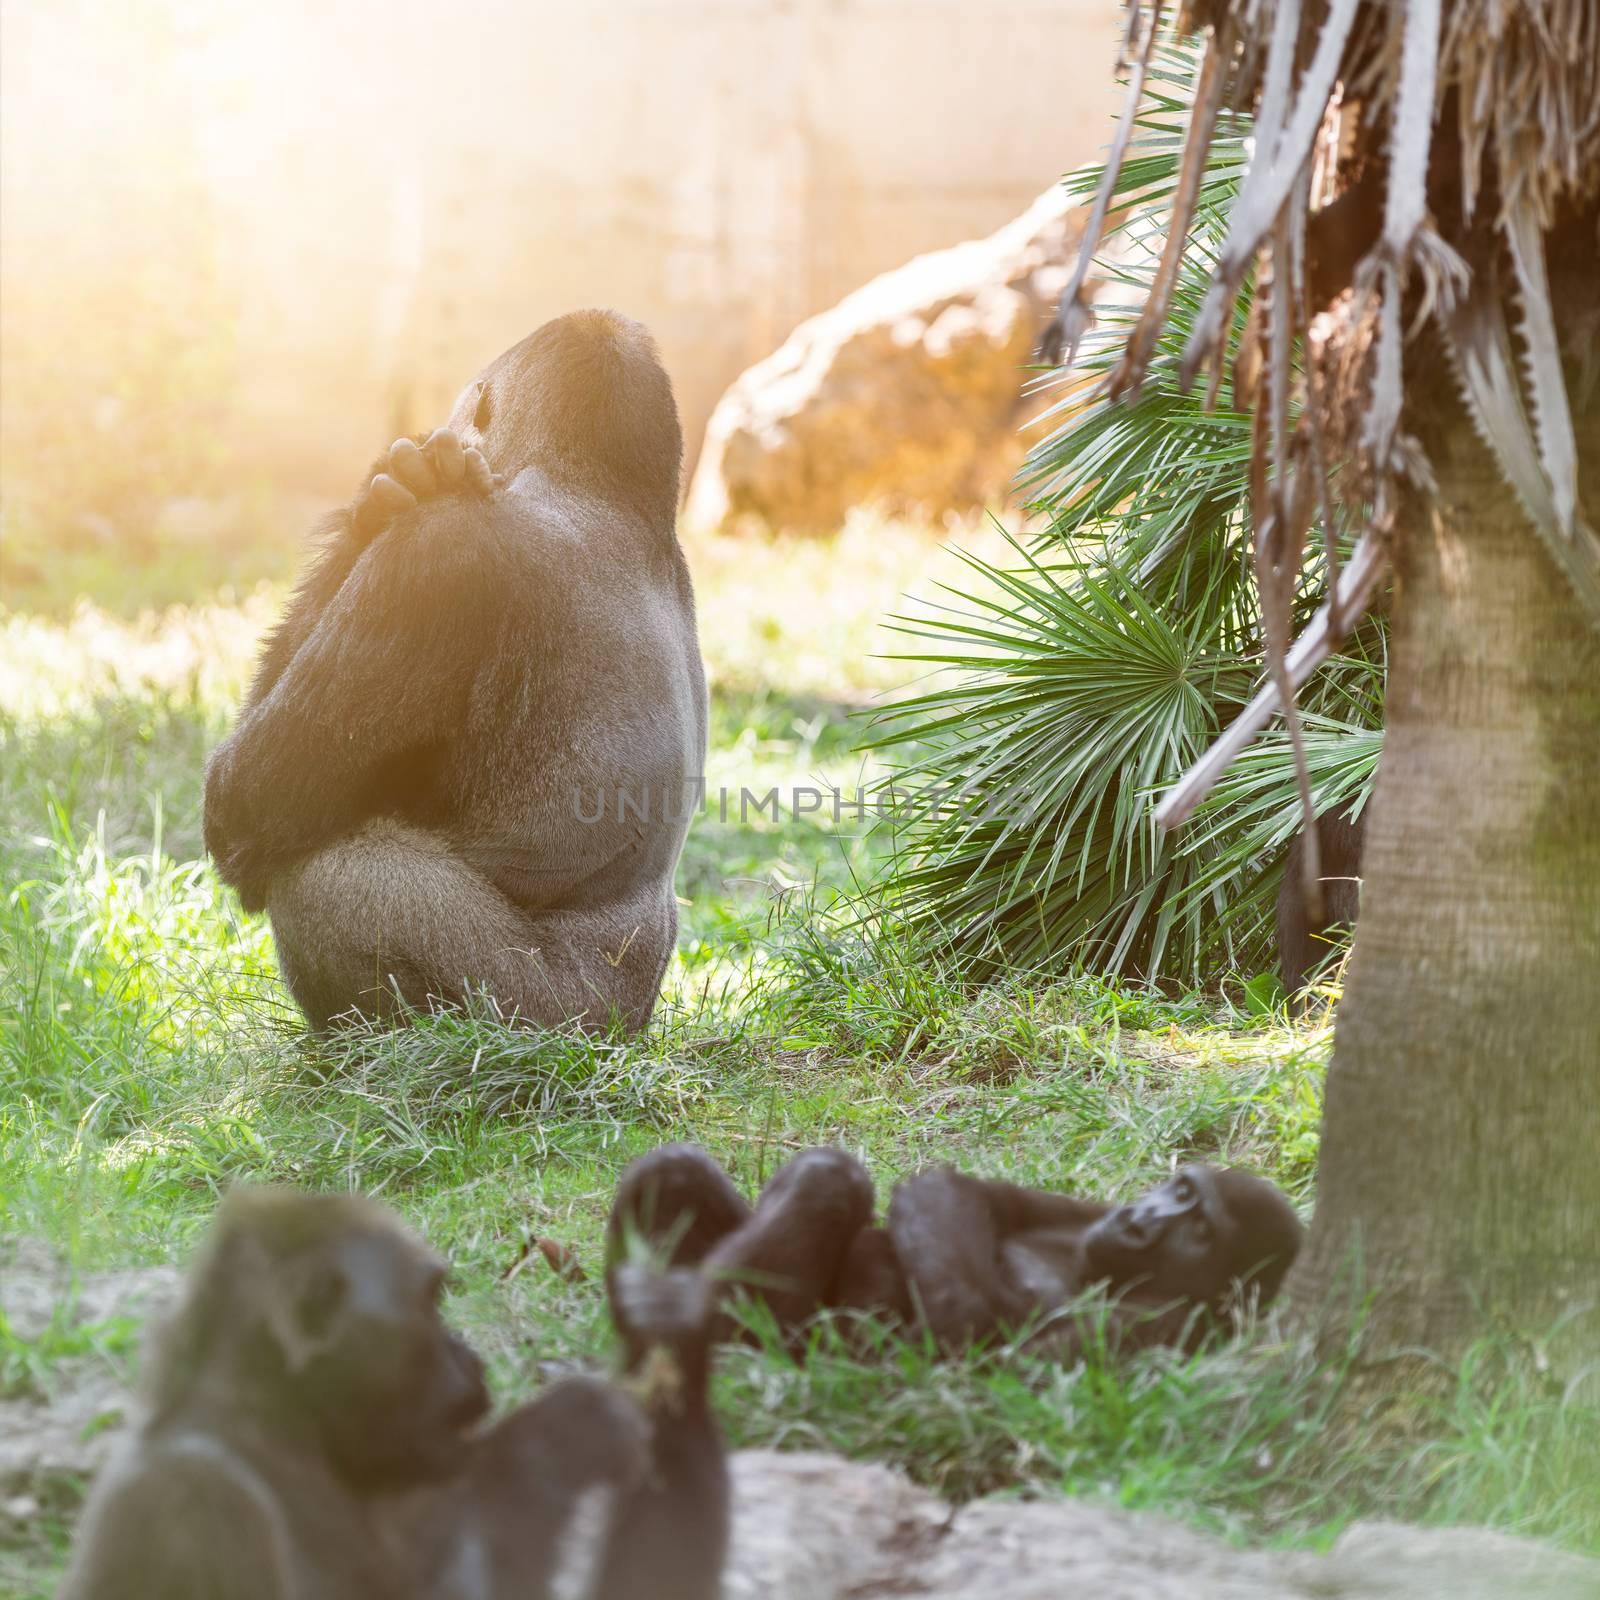 wildlife, gorilla animals in the forest